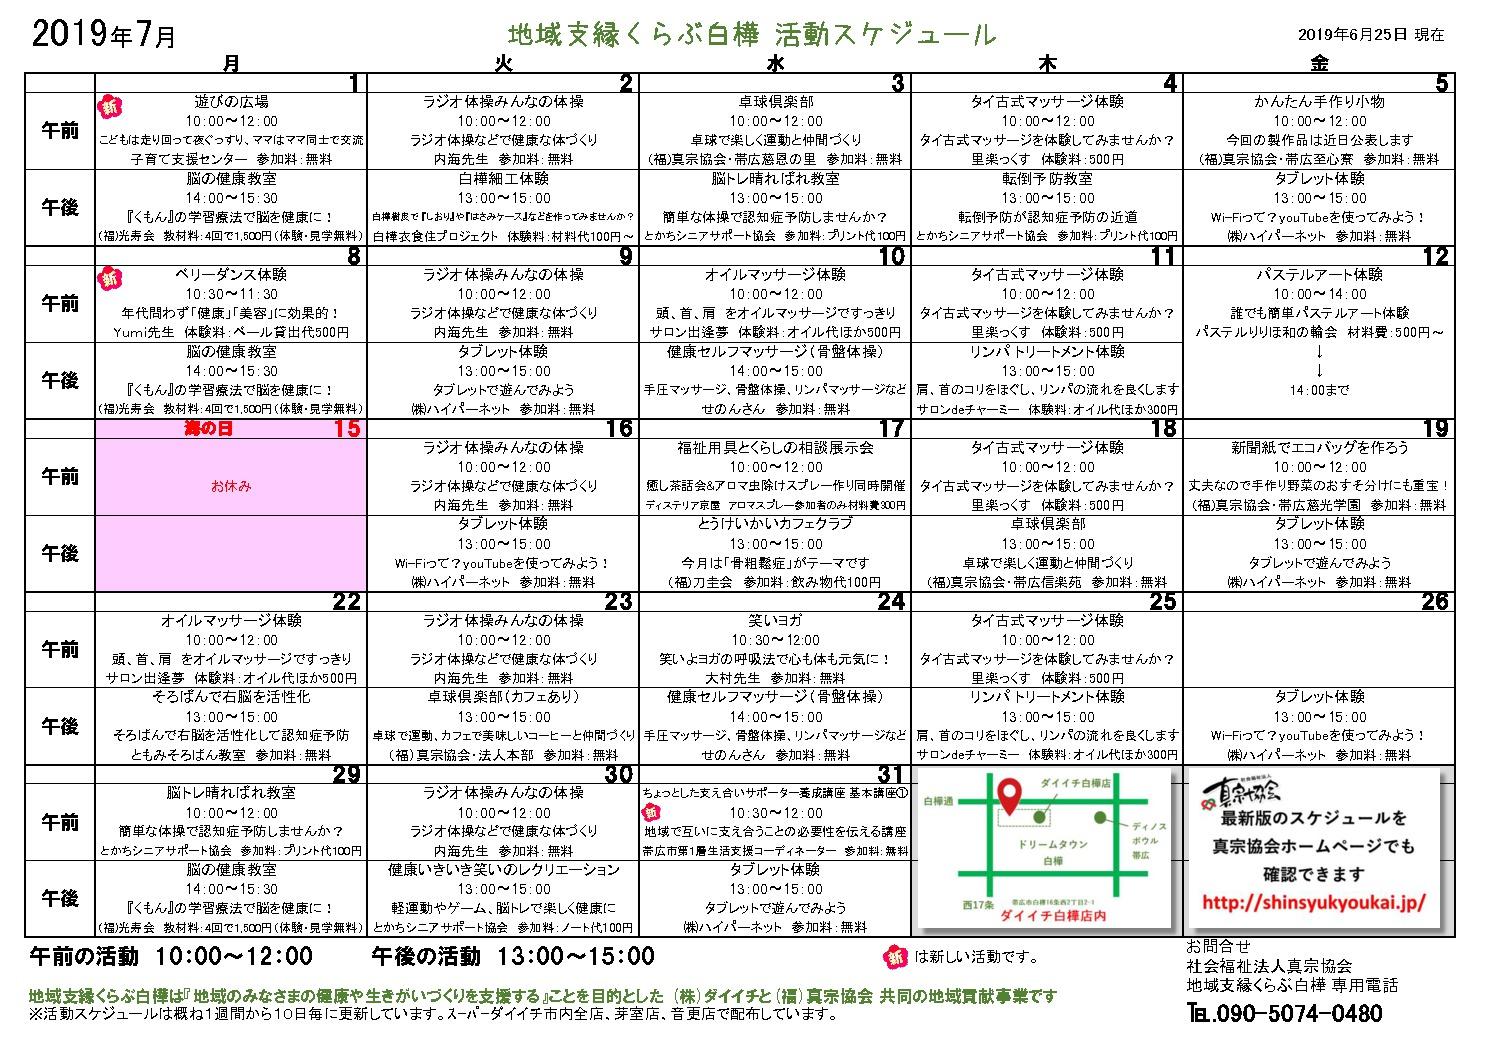 2019活動スケジュール7(2019.6.25付)のサムネイル